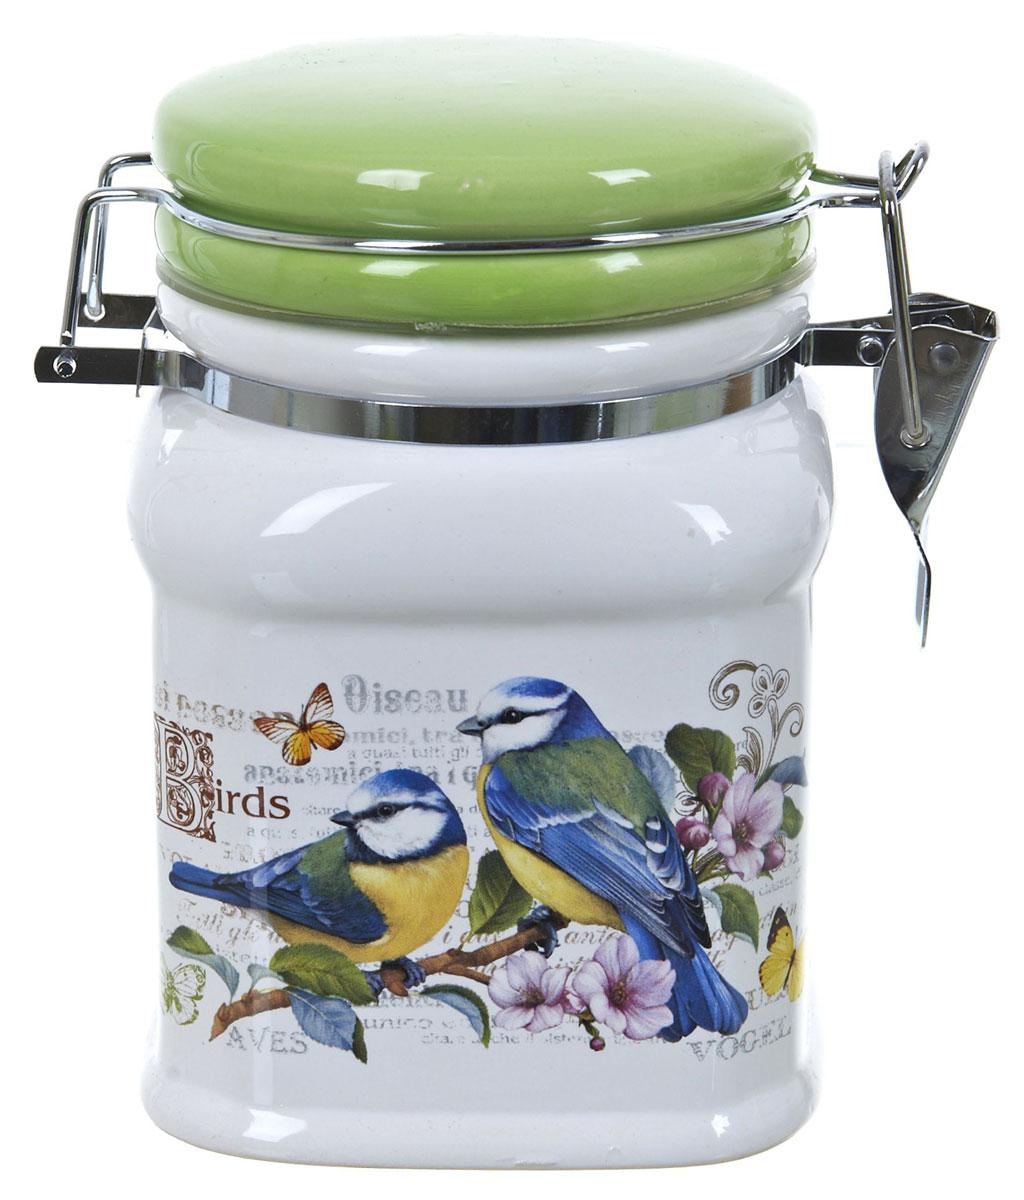 Банка для сыпучих продуктов Polystar Birds, 700 млVT-1520(SR)Банка для сыпучих продуктов Polystar Birds изготовлена из прочной доломитовой керамики, покрытой слоем сверкающей гладкой глазури. Изделие оформлено красочным изображением. Банка прекрасно подойдет для хранения различных сыпучих продуктов: чая, кофе, сахара, круп и многого другого. Благодаря силиконовой прослойке и бугельному замку, крышка герметично закрывается, что позволяет дольше сохранять продукты свежими. Изящная емкость не только поможет хранить разнообразные сыпучие продукты, но и стильно дополнит интерьер кухни. Изделие подходит для использования в посудомоечной машине и в холодильнике.